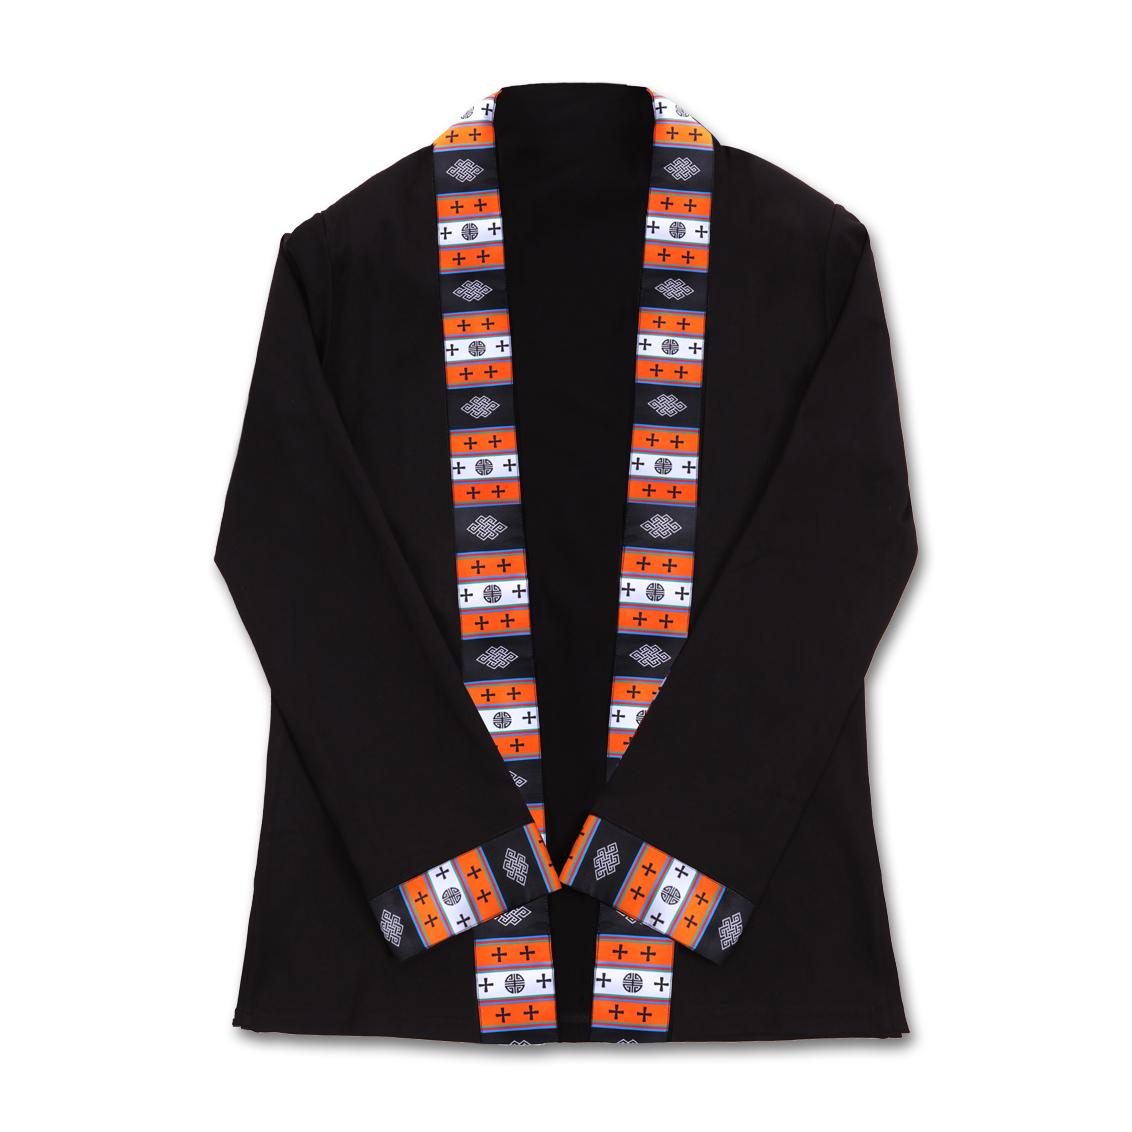 彩螺服饰藏族服装男藏式原创纯棉电脑织绣藏式图案吉祥氆氇开衫